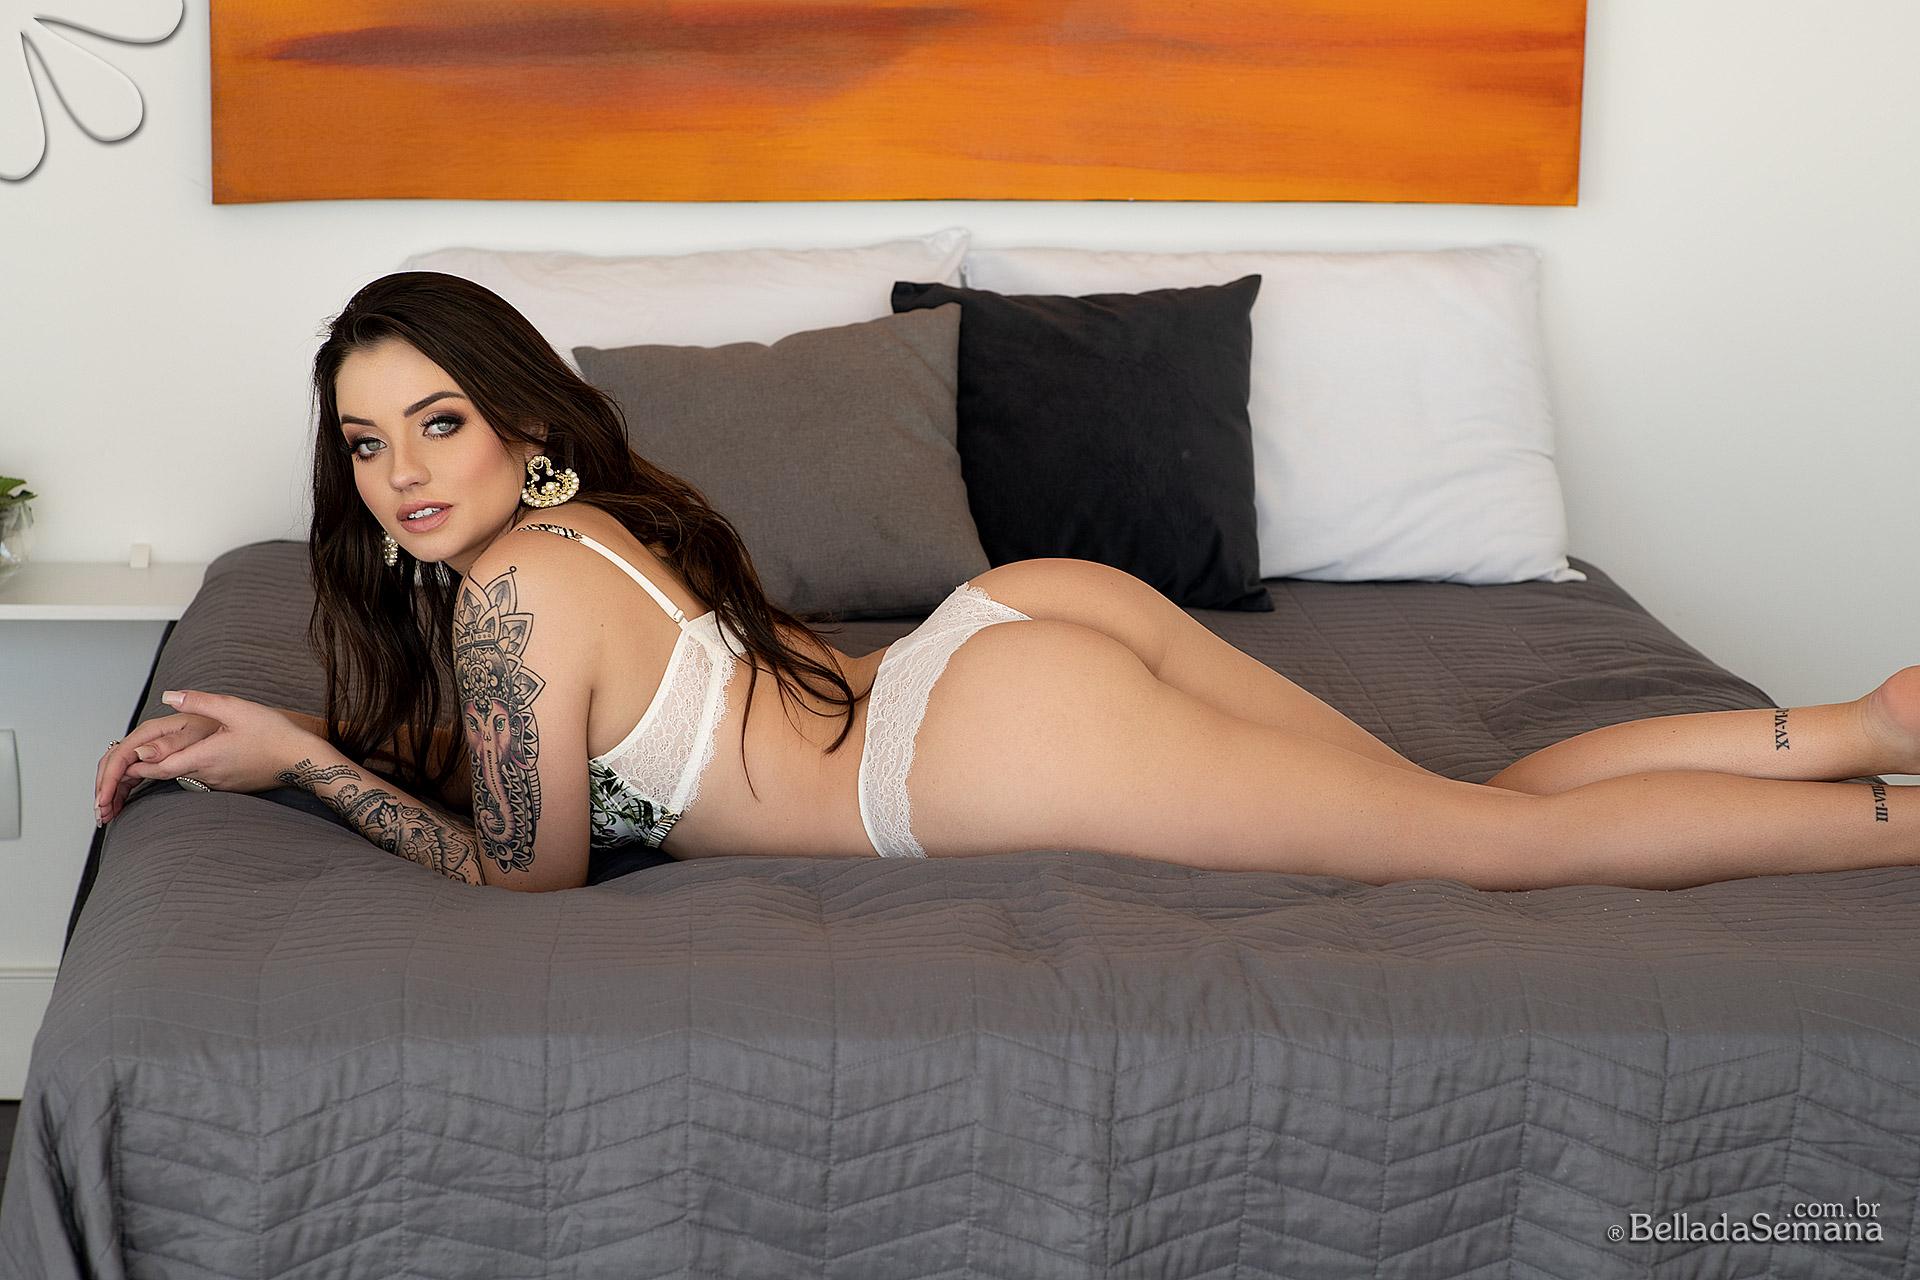 Nati Souza